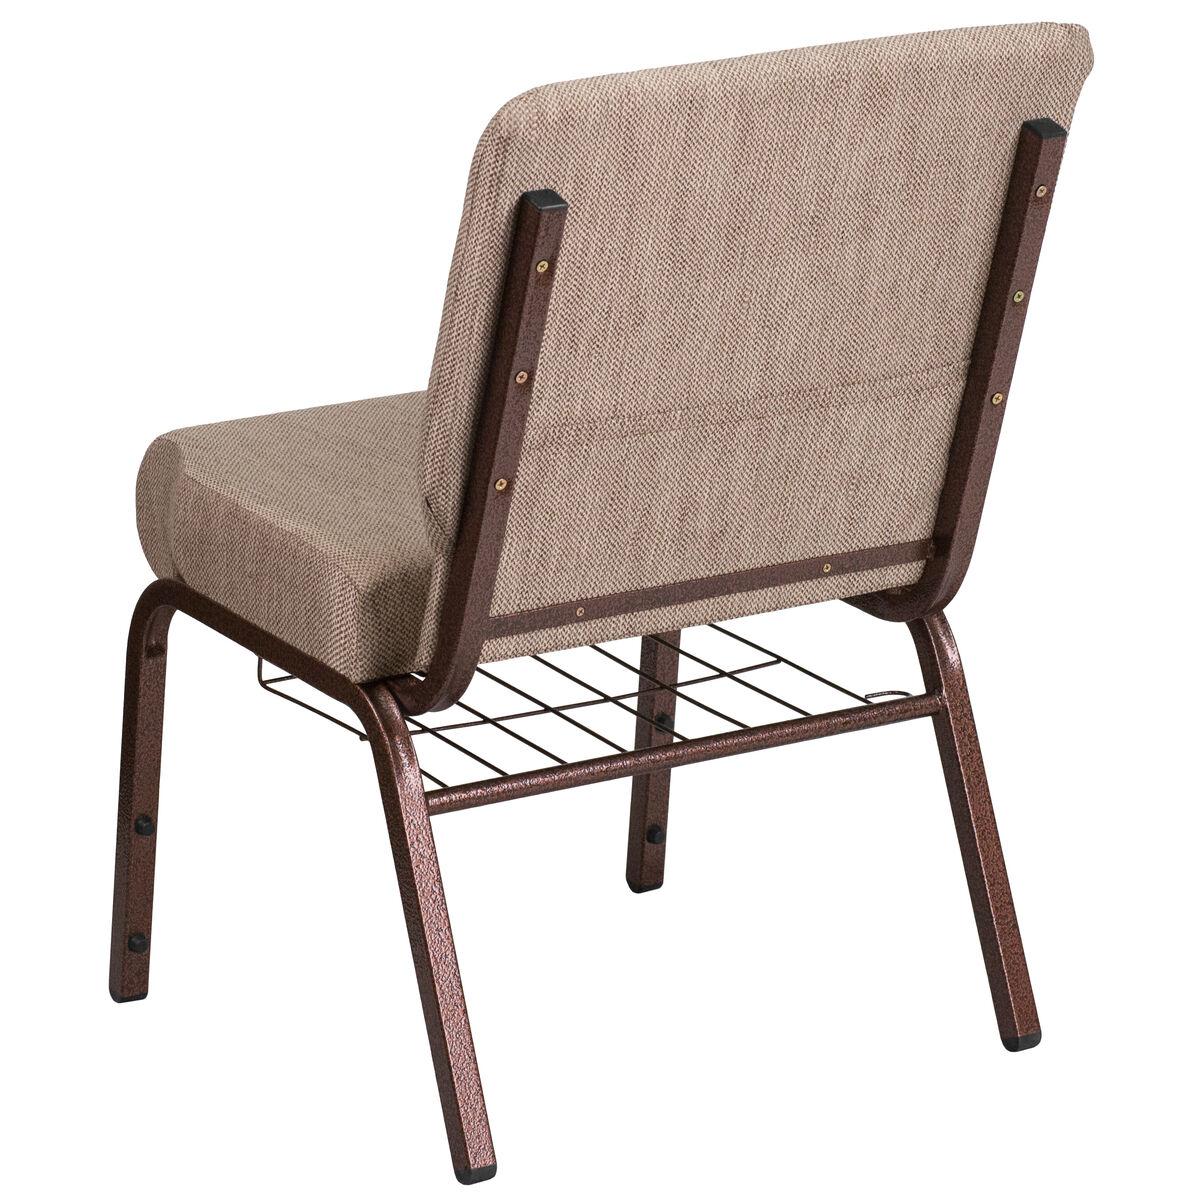 21 w church chair book rack fd ch0221 4 bas bizchair com